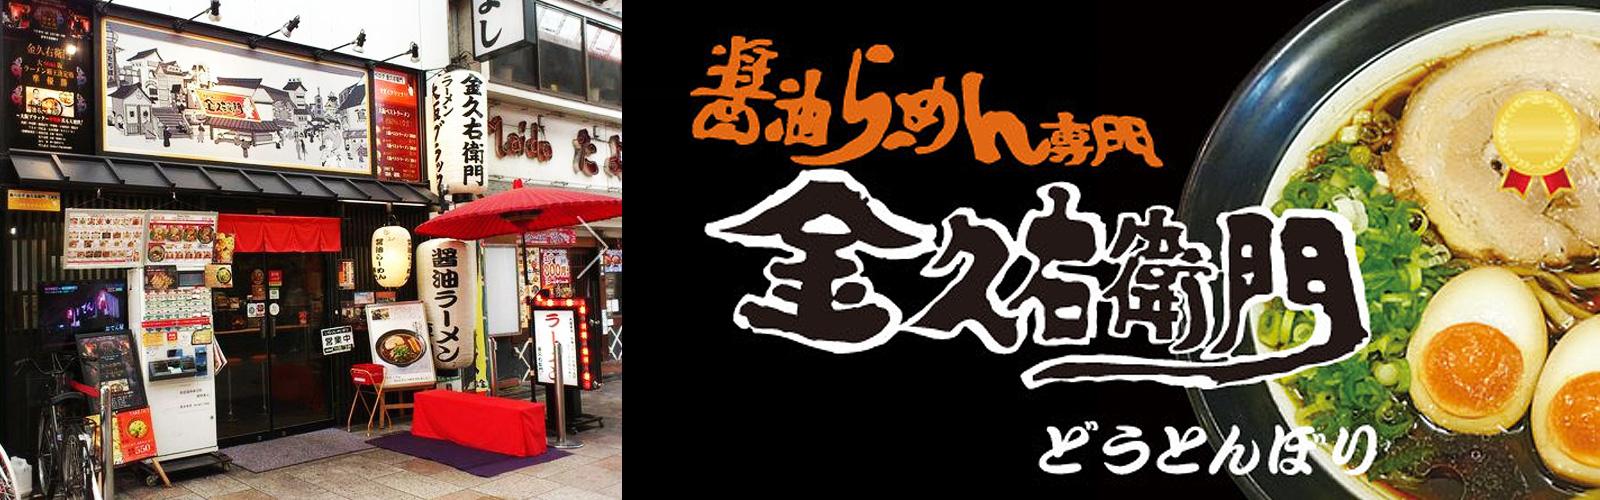 金久右衛門 道頓堀店(大阪・道頓堀)